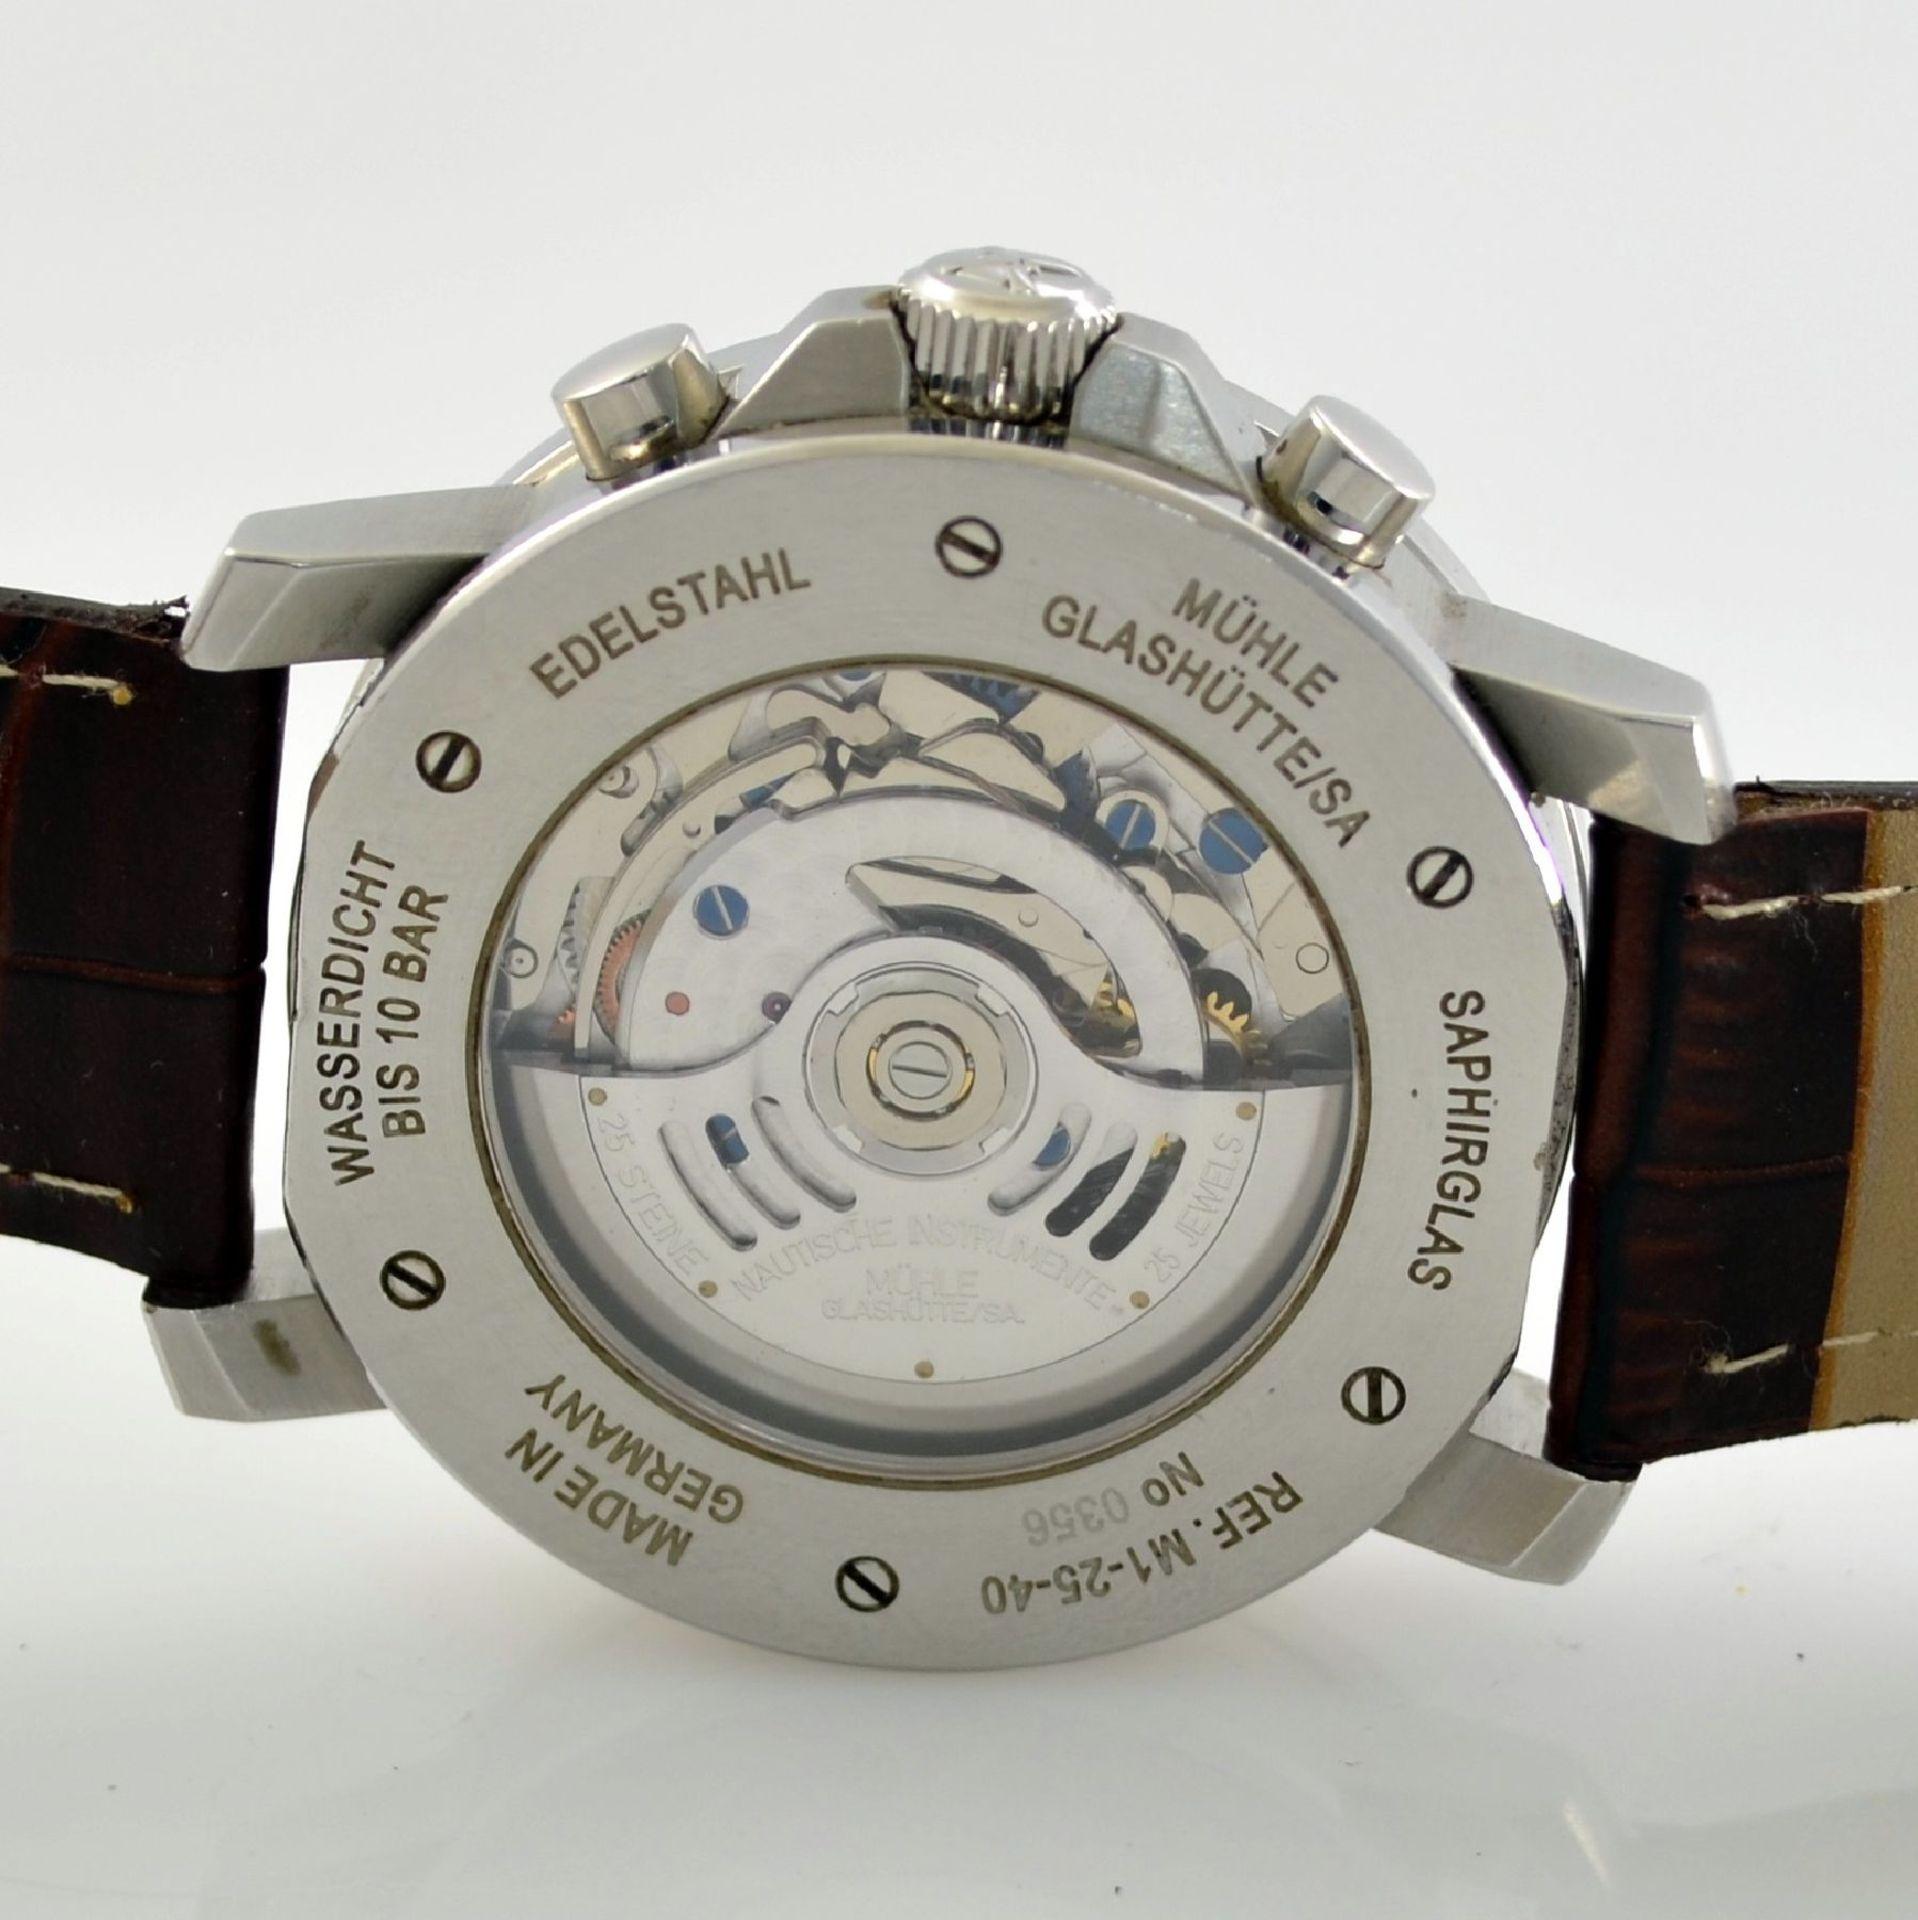 MÜHLE Glashütte/SA Nautische Instrumente Herrenarmbanduhr 29ER Chronograph in Stahl, Deutschland - Bild 5 aus 6